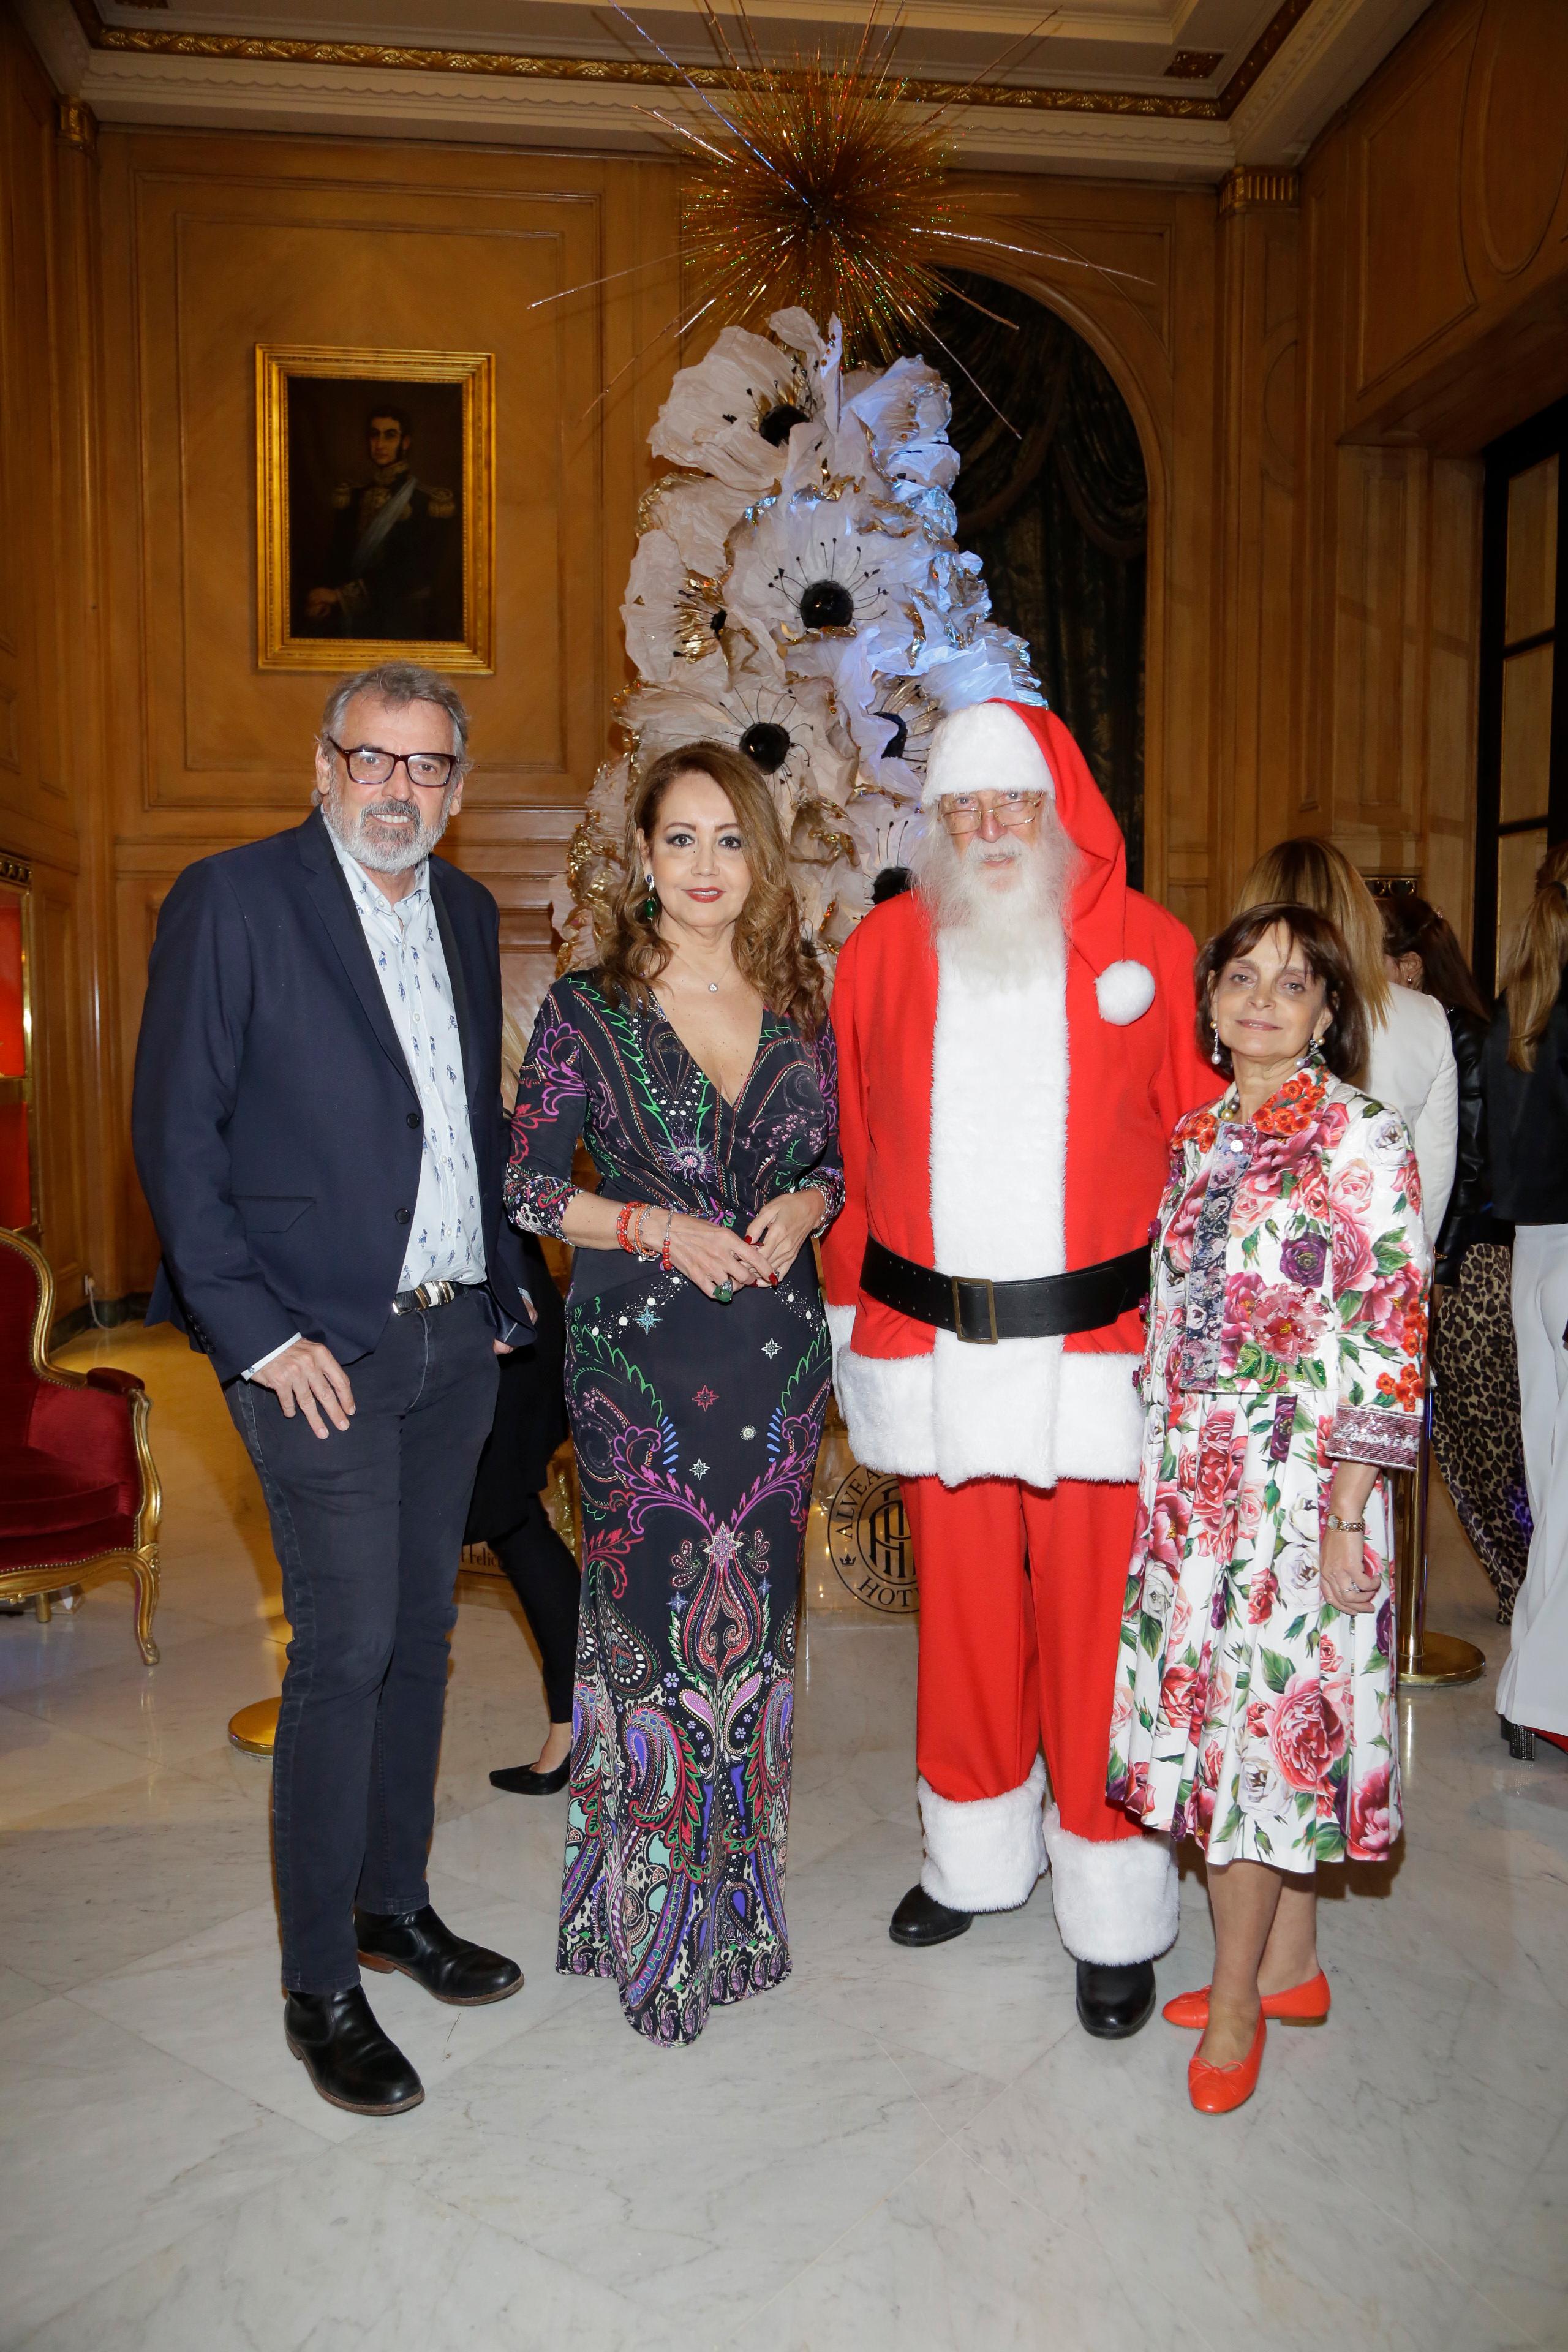 El diseñador Benito Fernández junto a la presidente de Make-A-Wish Argentina, Mónica Parisier; y la empresaria Claudia Stad durante la presentación del